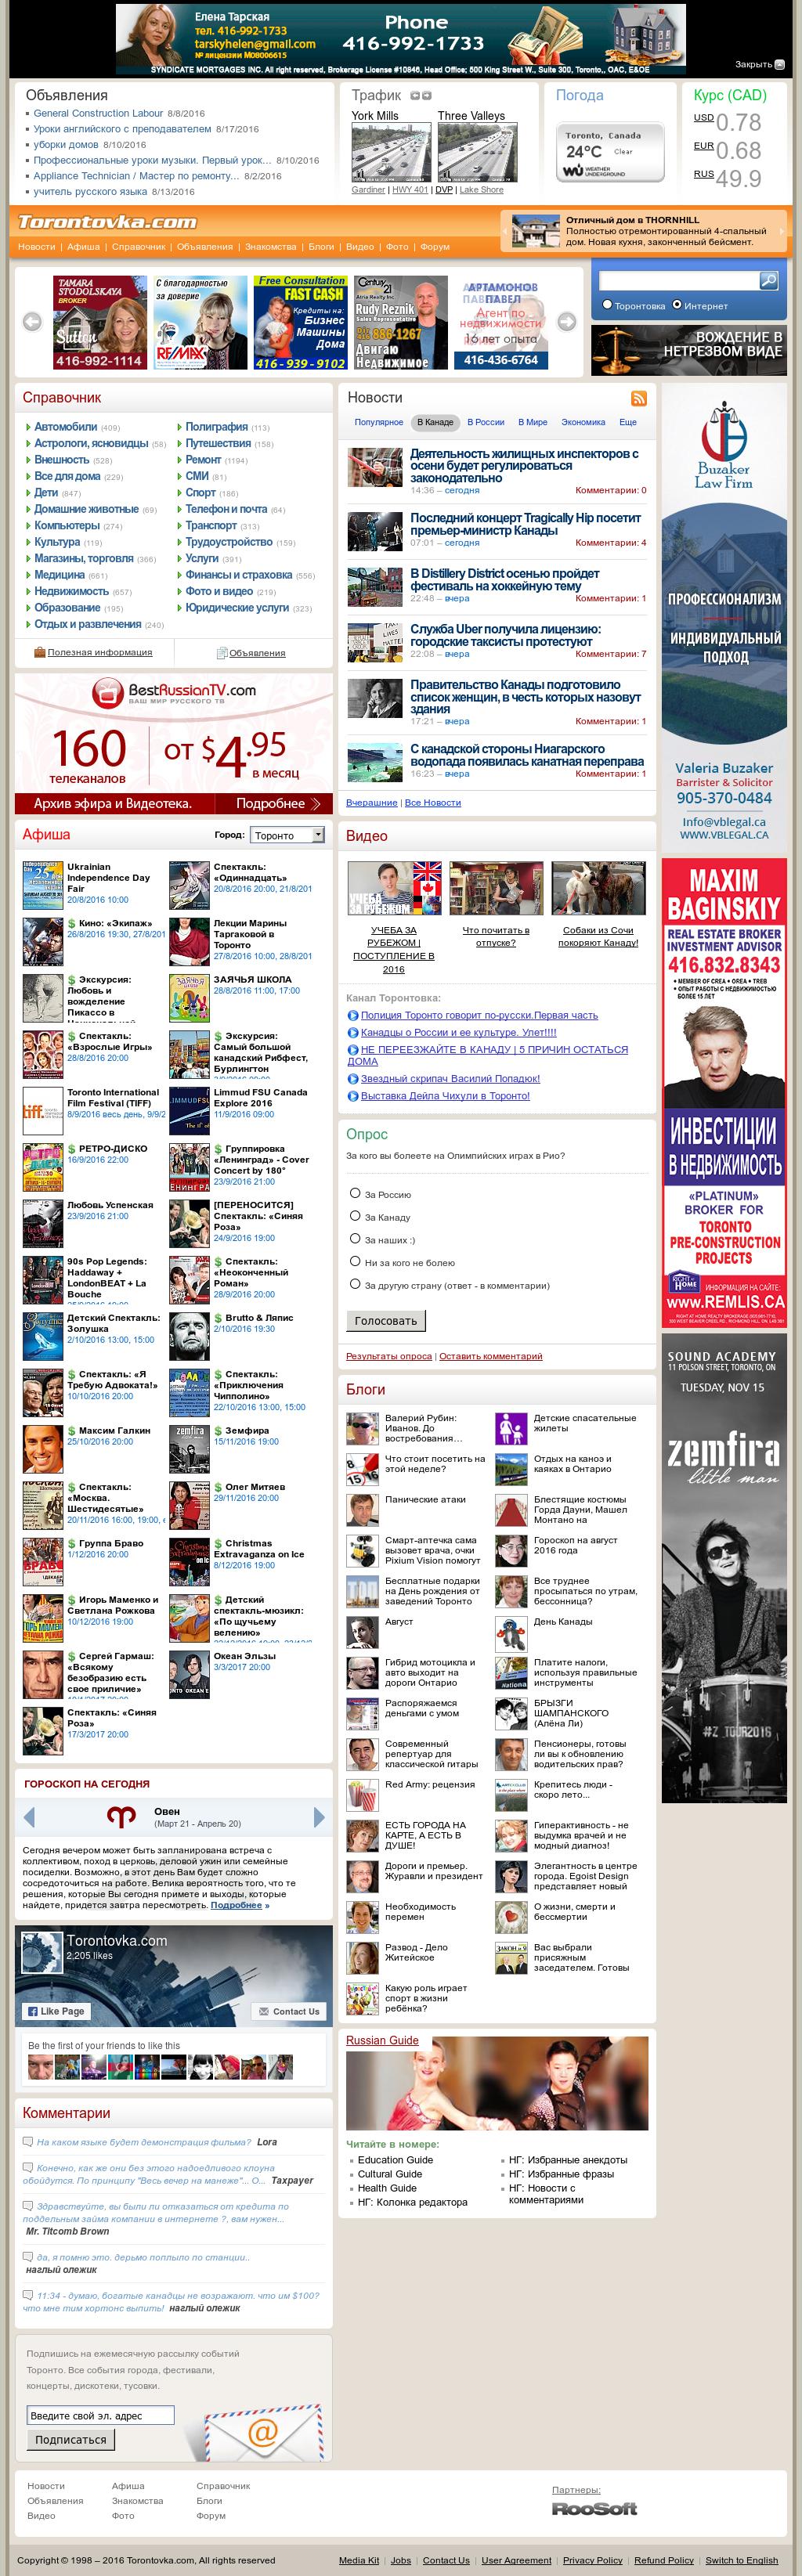 Torontovka dating website